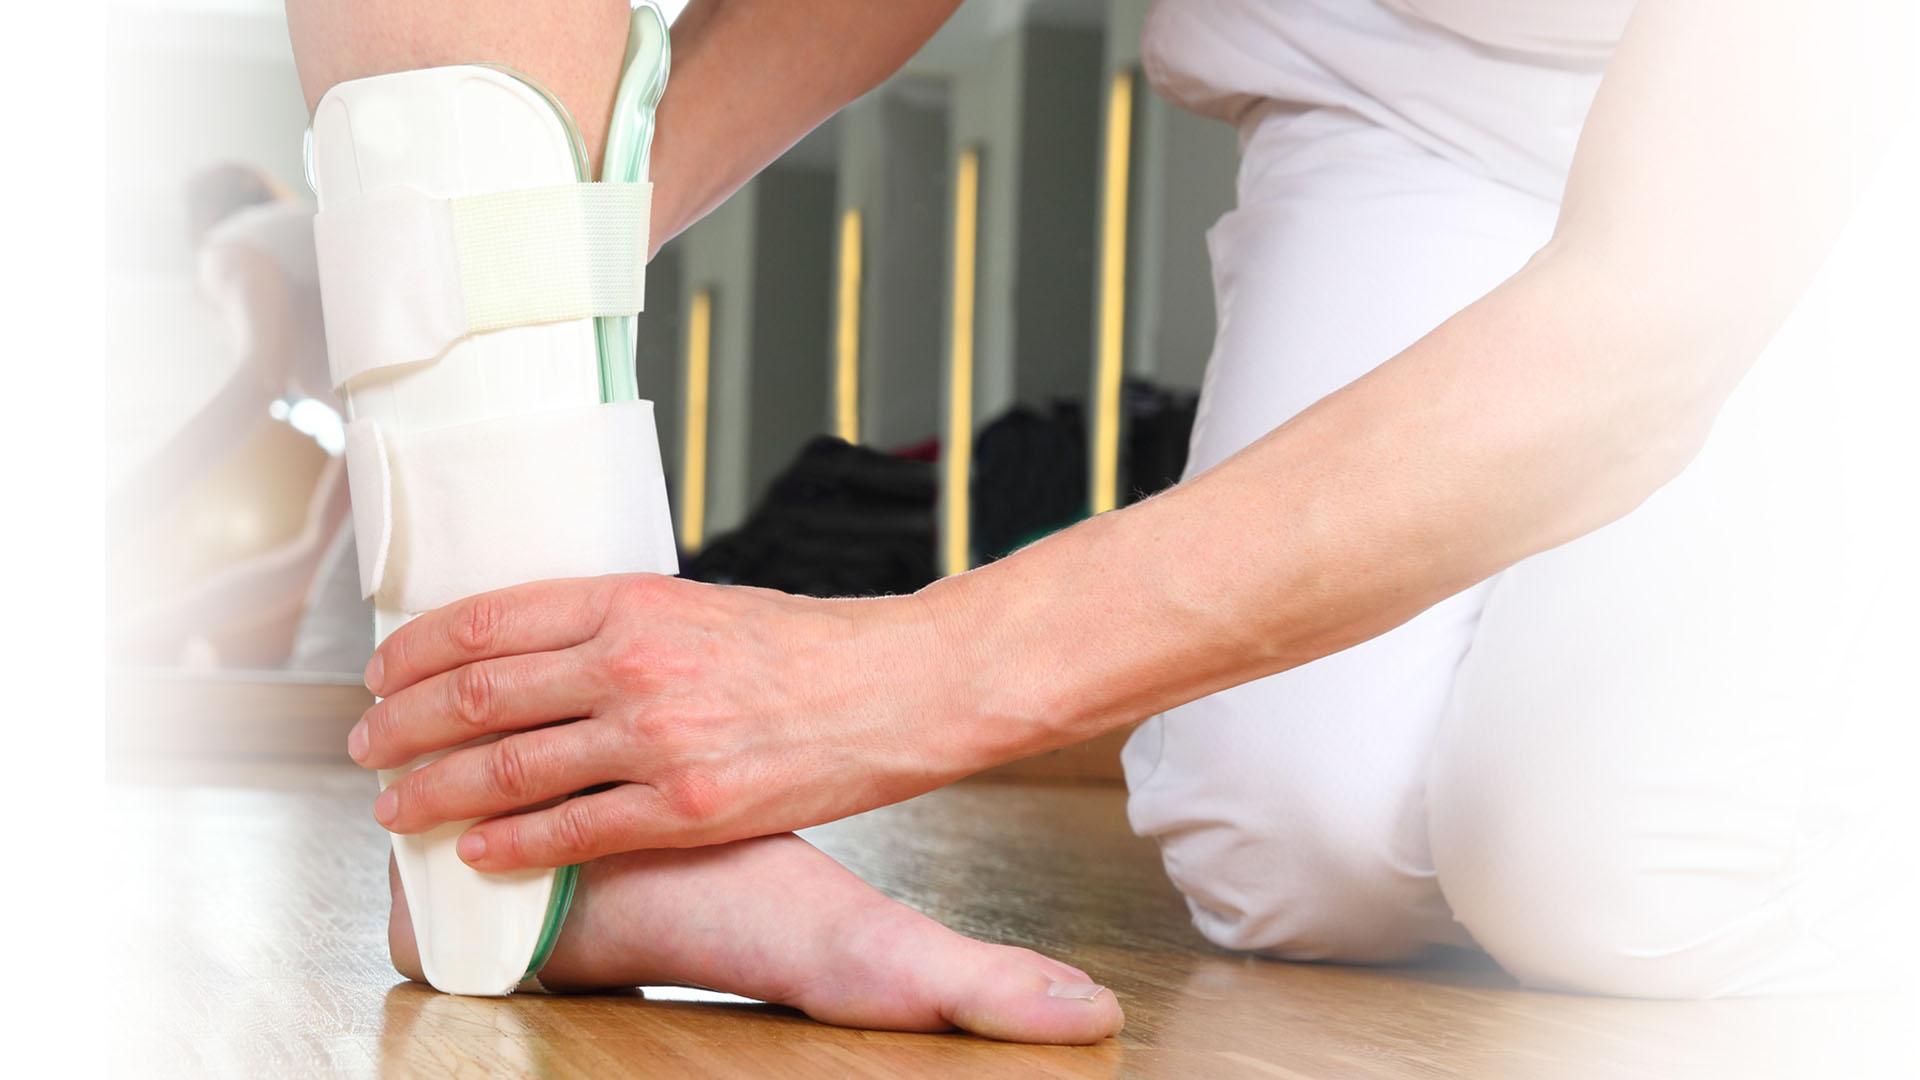 Protezy kończyn górnych i dolnych, aparaty ortopedyczne, gorsety